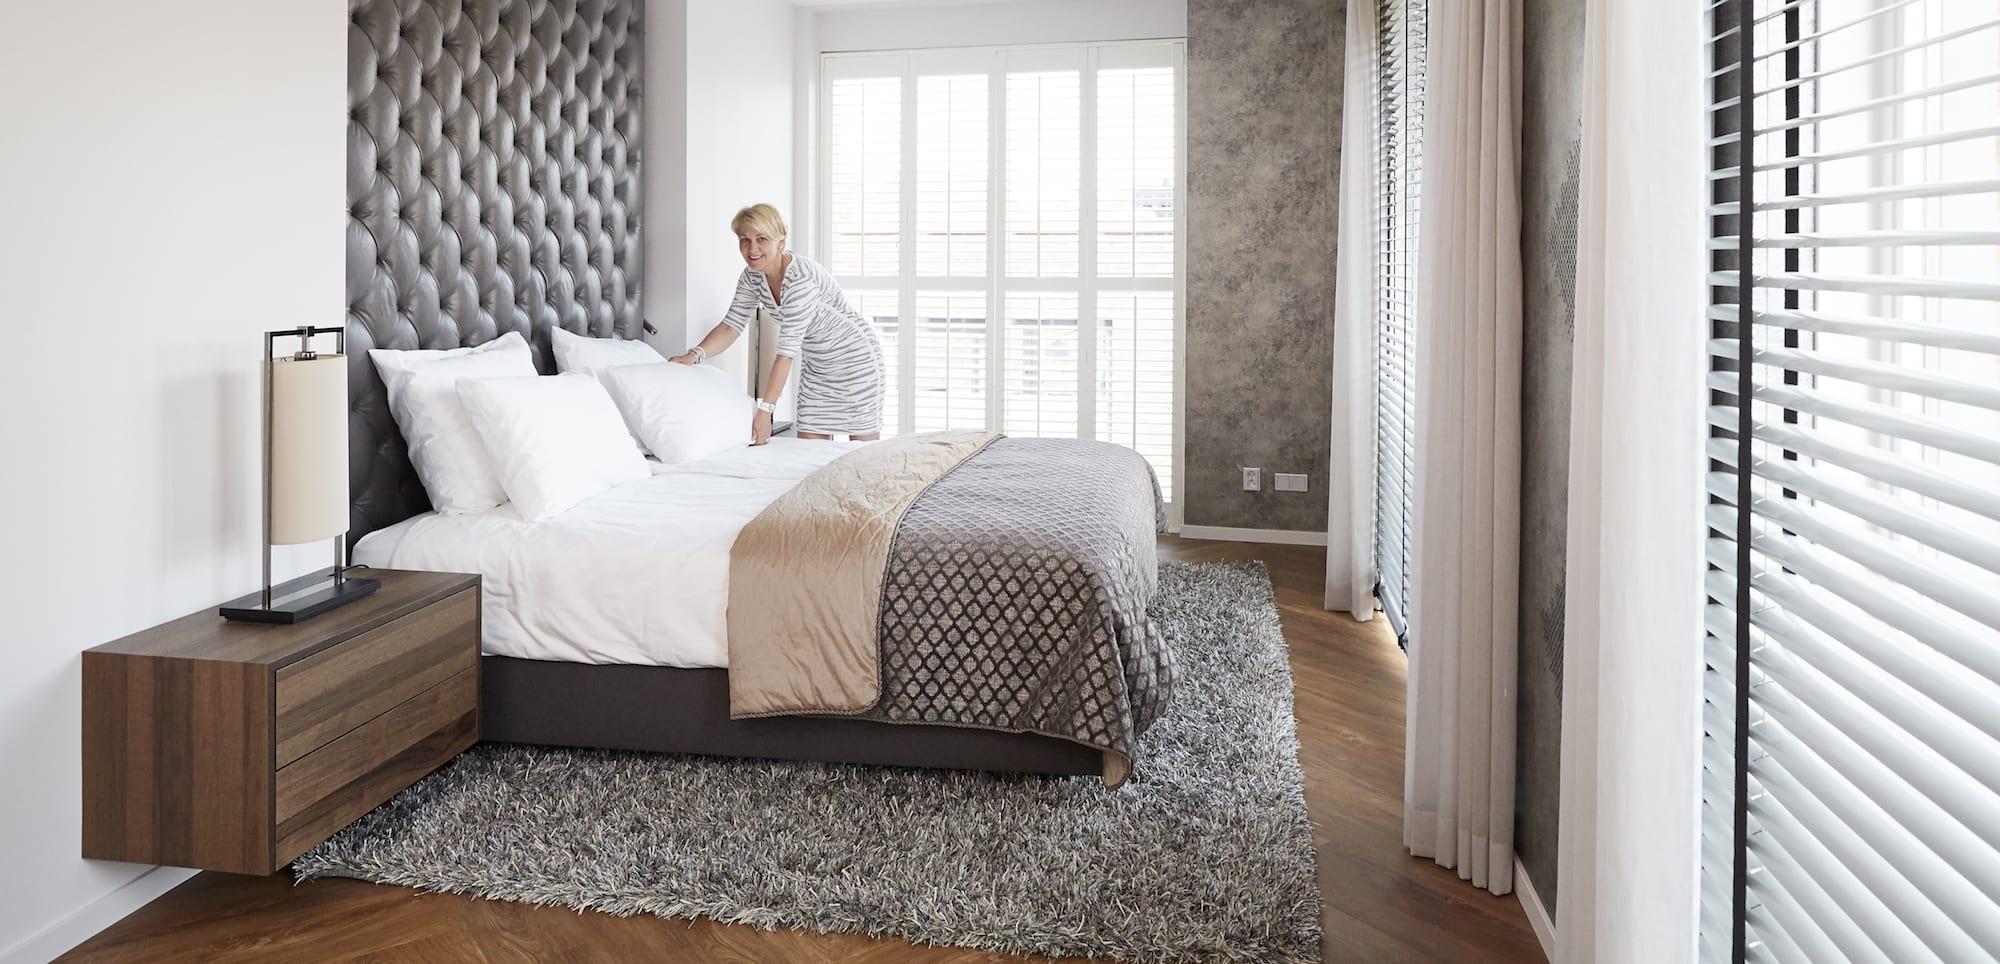 luxe hotel slaapkamer bed opmaken